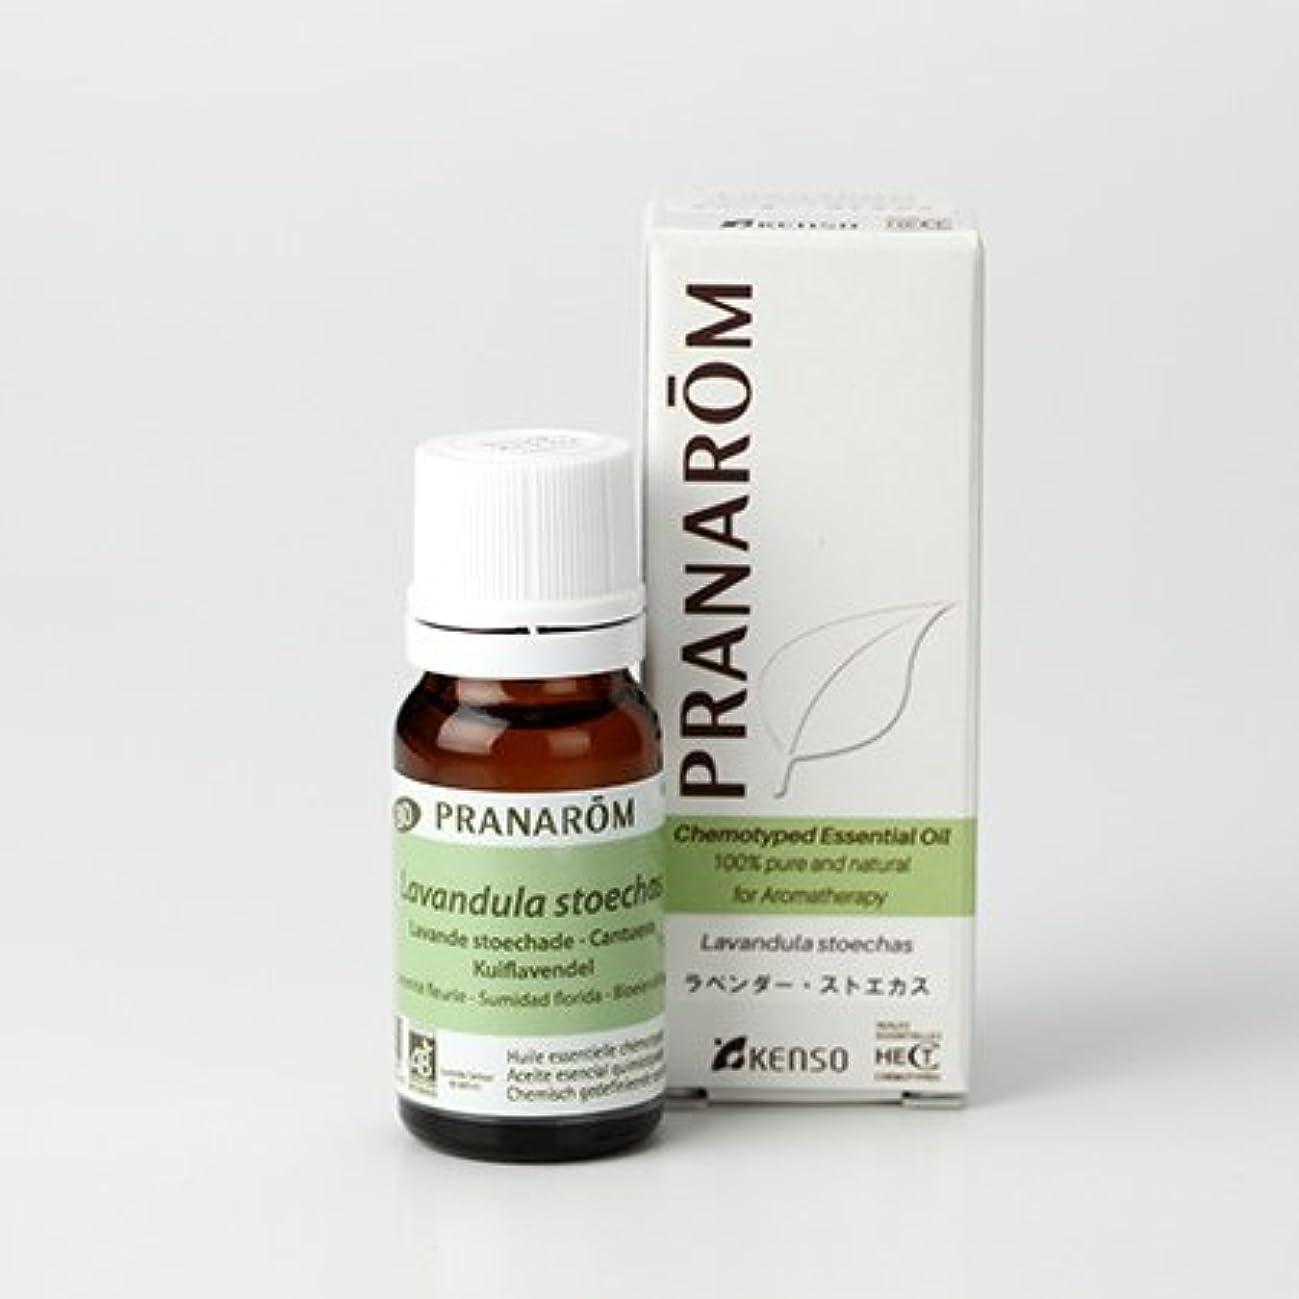 二年生人質ステートメントプラナロム ラベンダーストエカス 10ml (PRANAROM ケモタイプ精油)